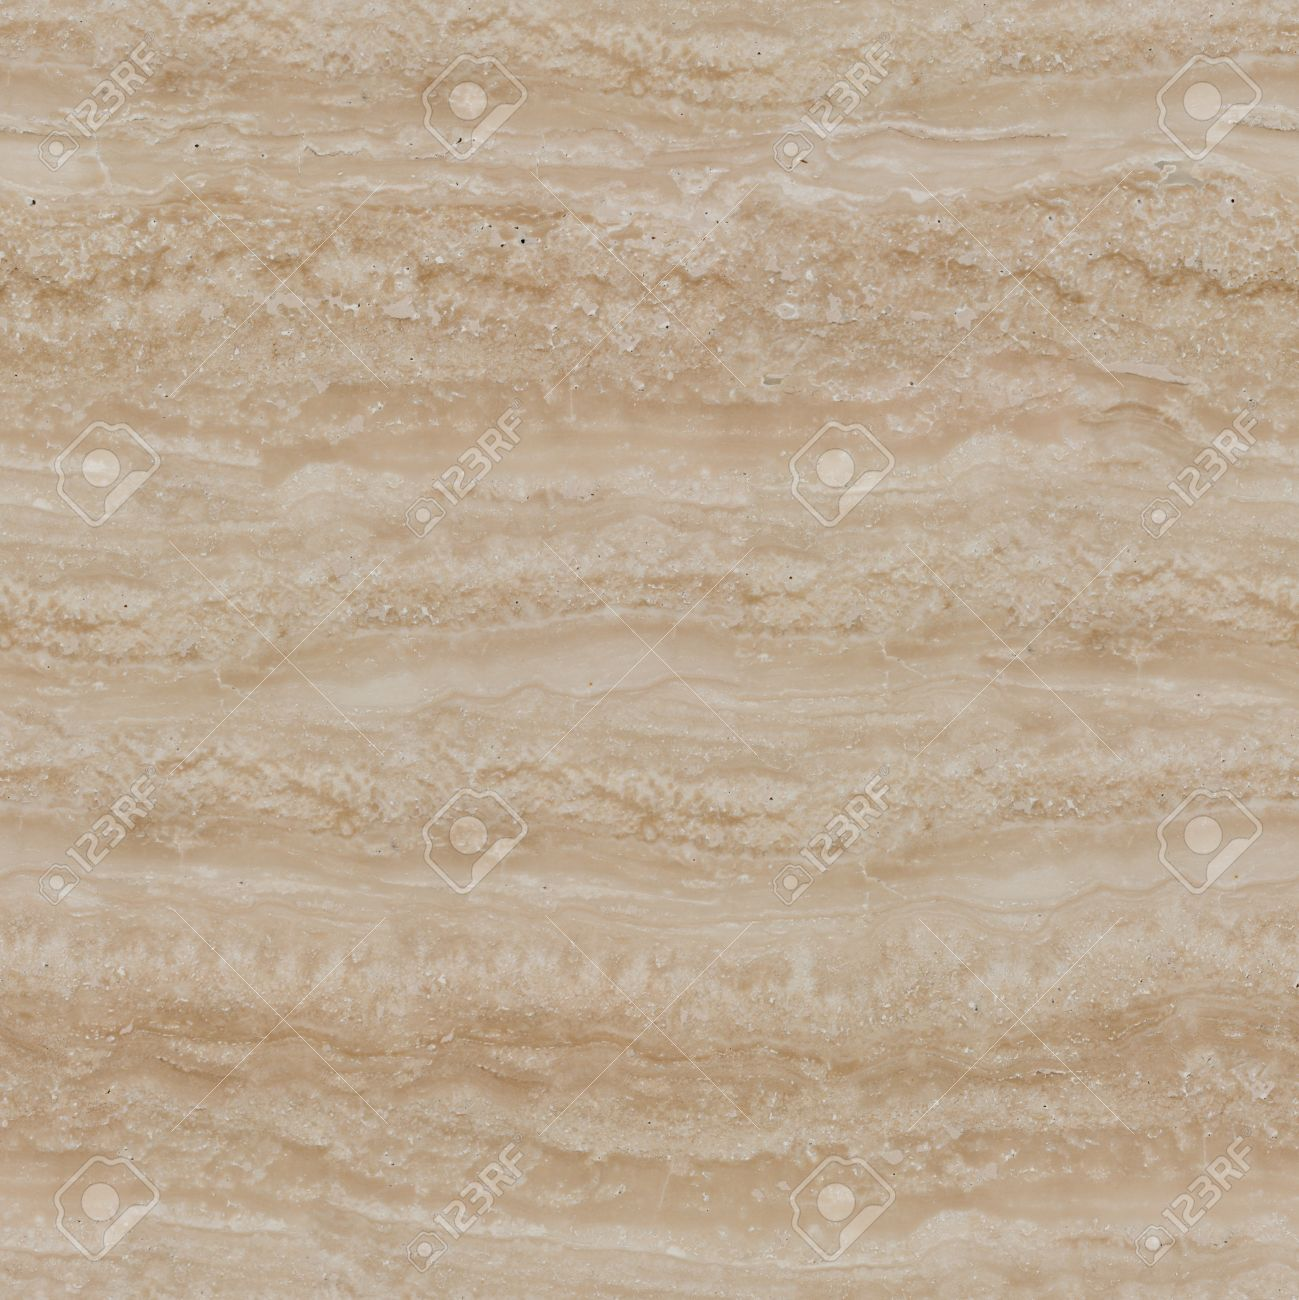 Beige Marmor Travertin Textur Nahtlose Quadratischen Hintergrund